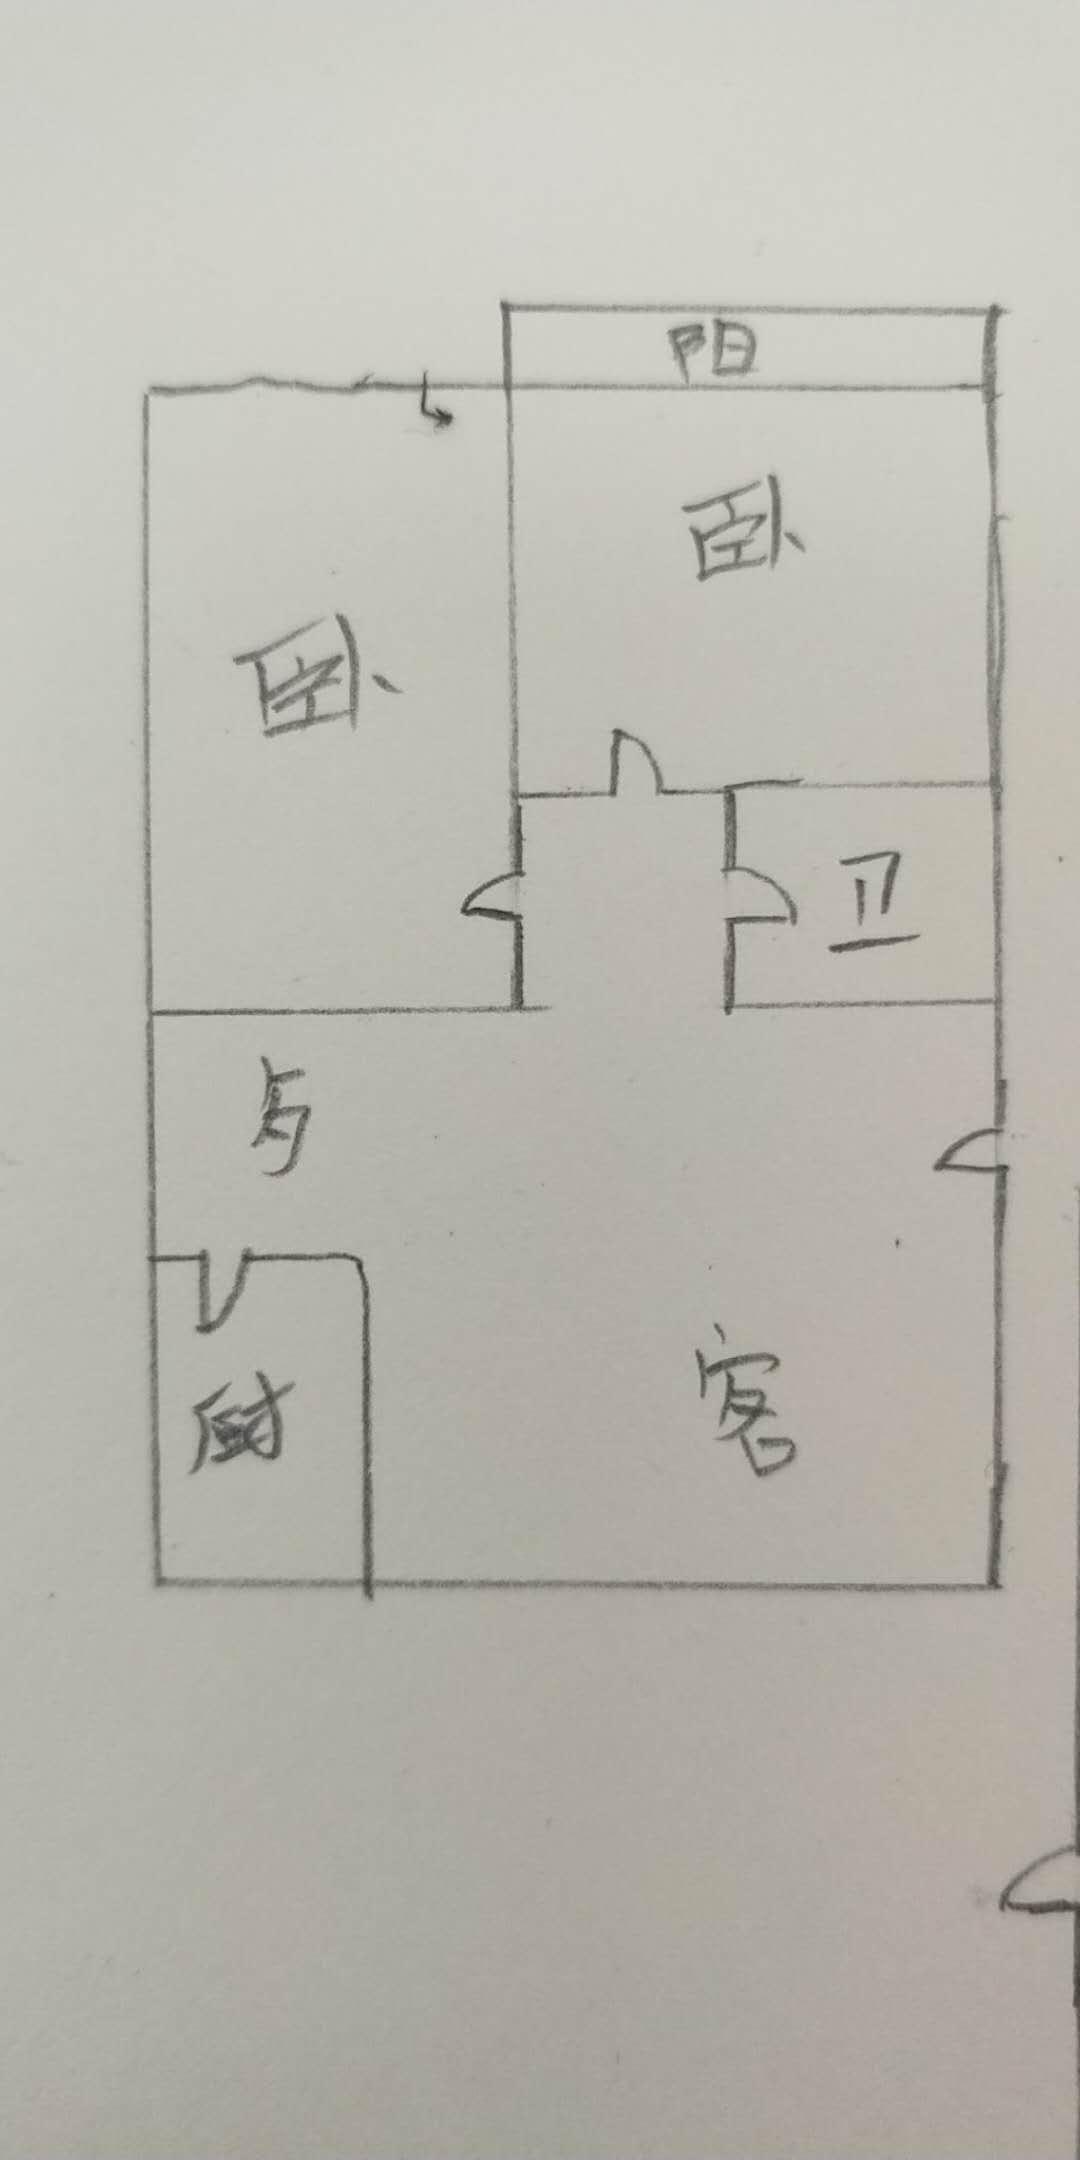 新四合小区 2室2厅 4楼